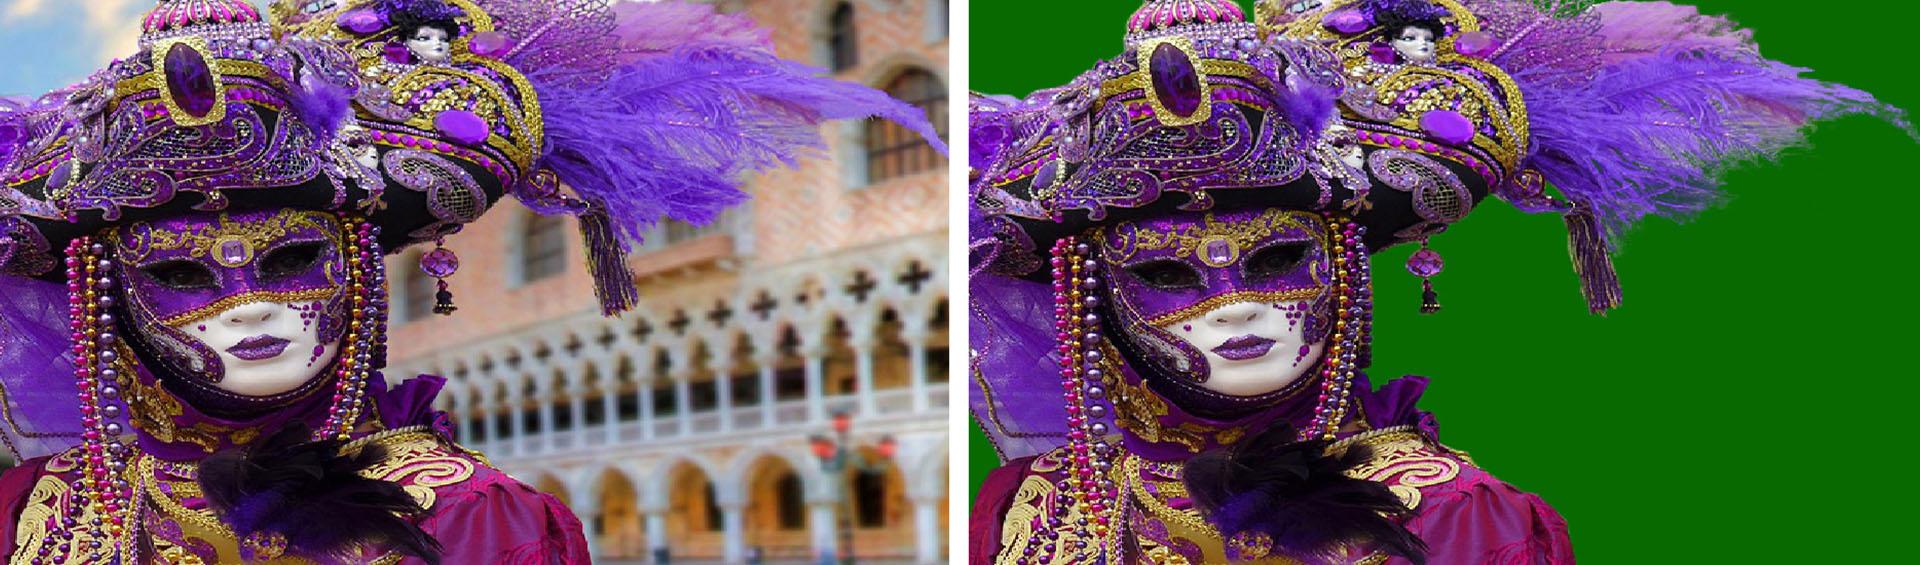 Photo Masking Services